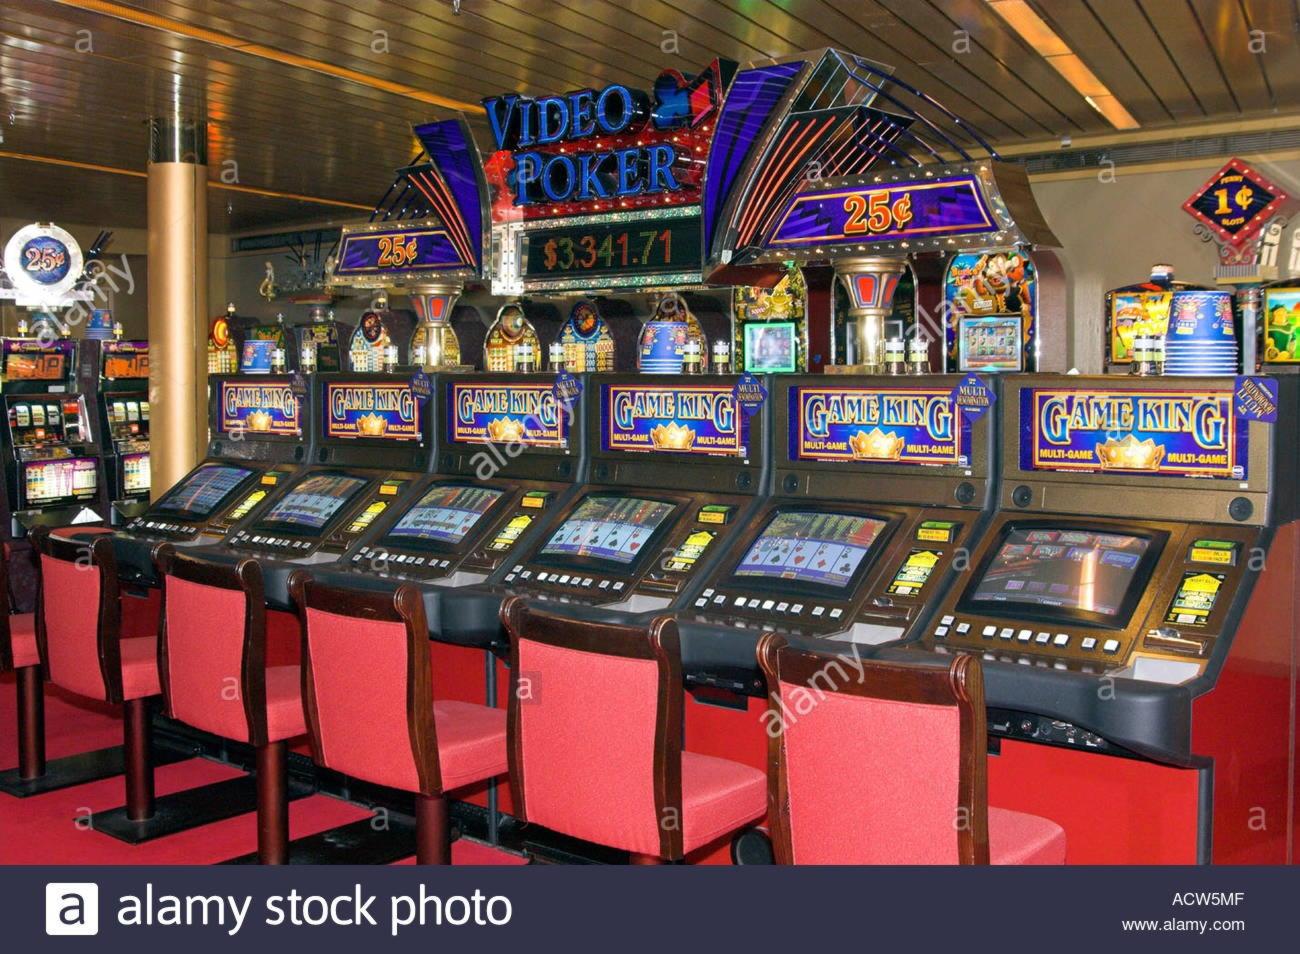 120 FREE SPINS at Karamba Casino